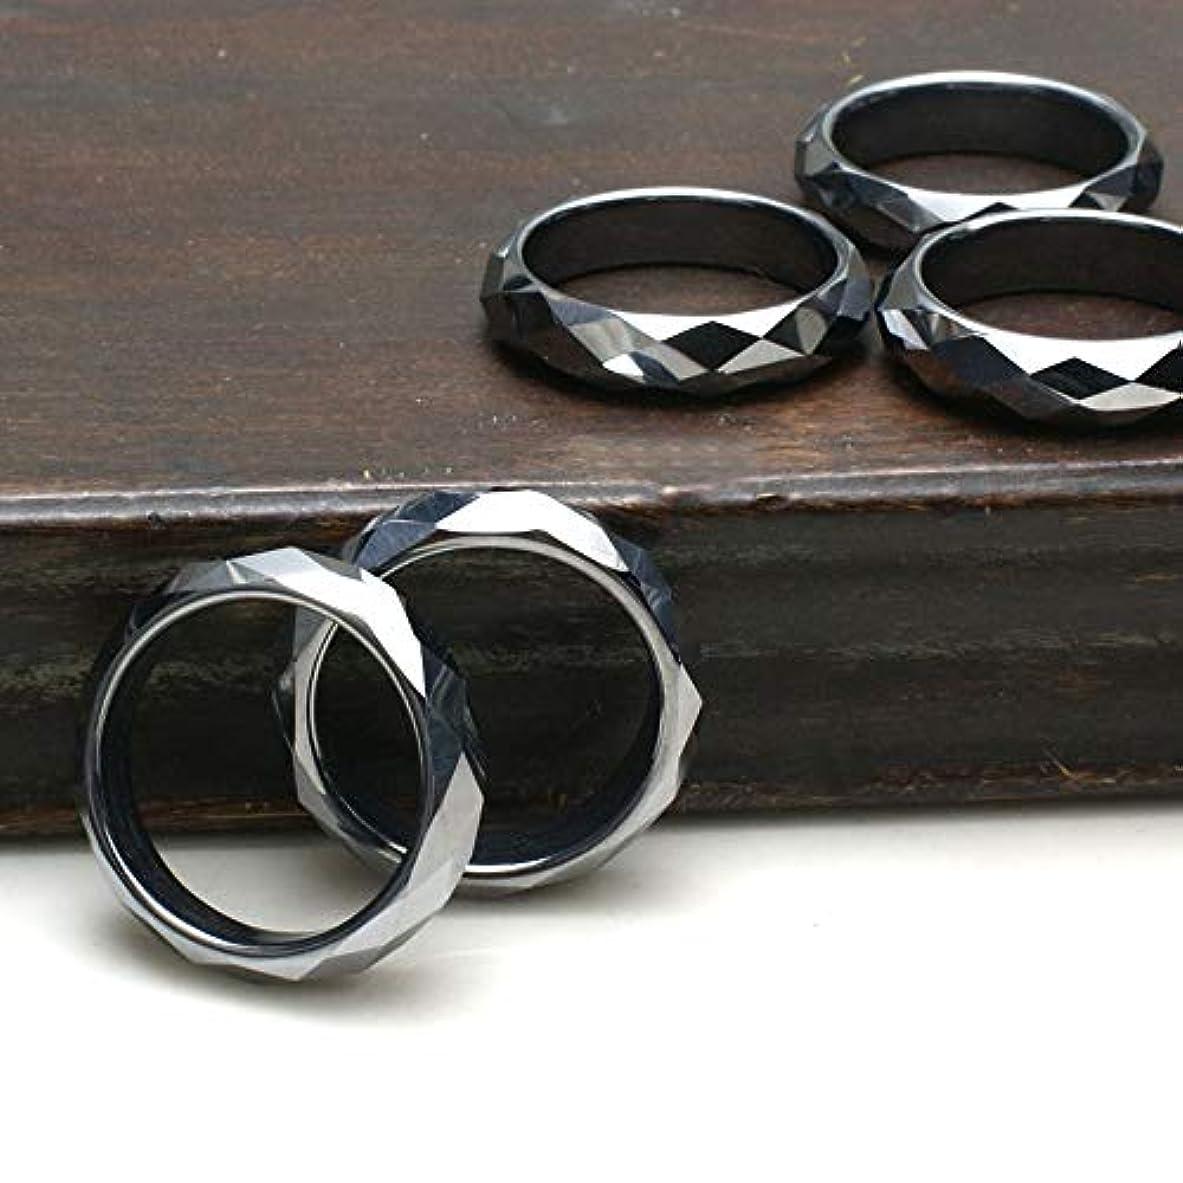 住所クラフト縞模様のOVER-9 テラヘルツ 指輪 カットリング 17号サイズ 本物保証 テラヘルツ鉱石 原石【カット17号】